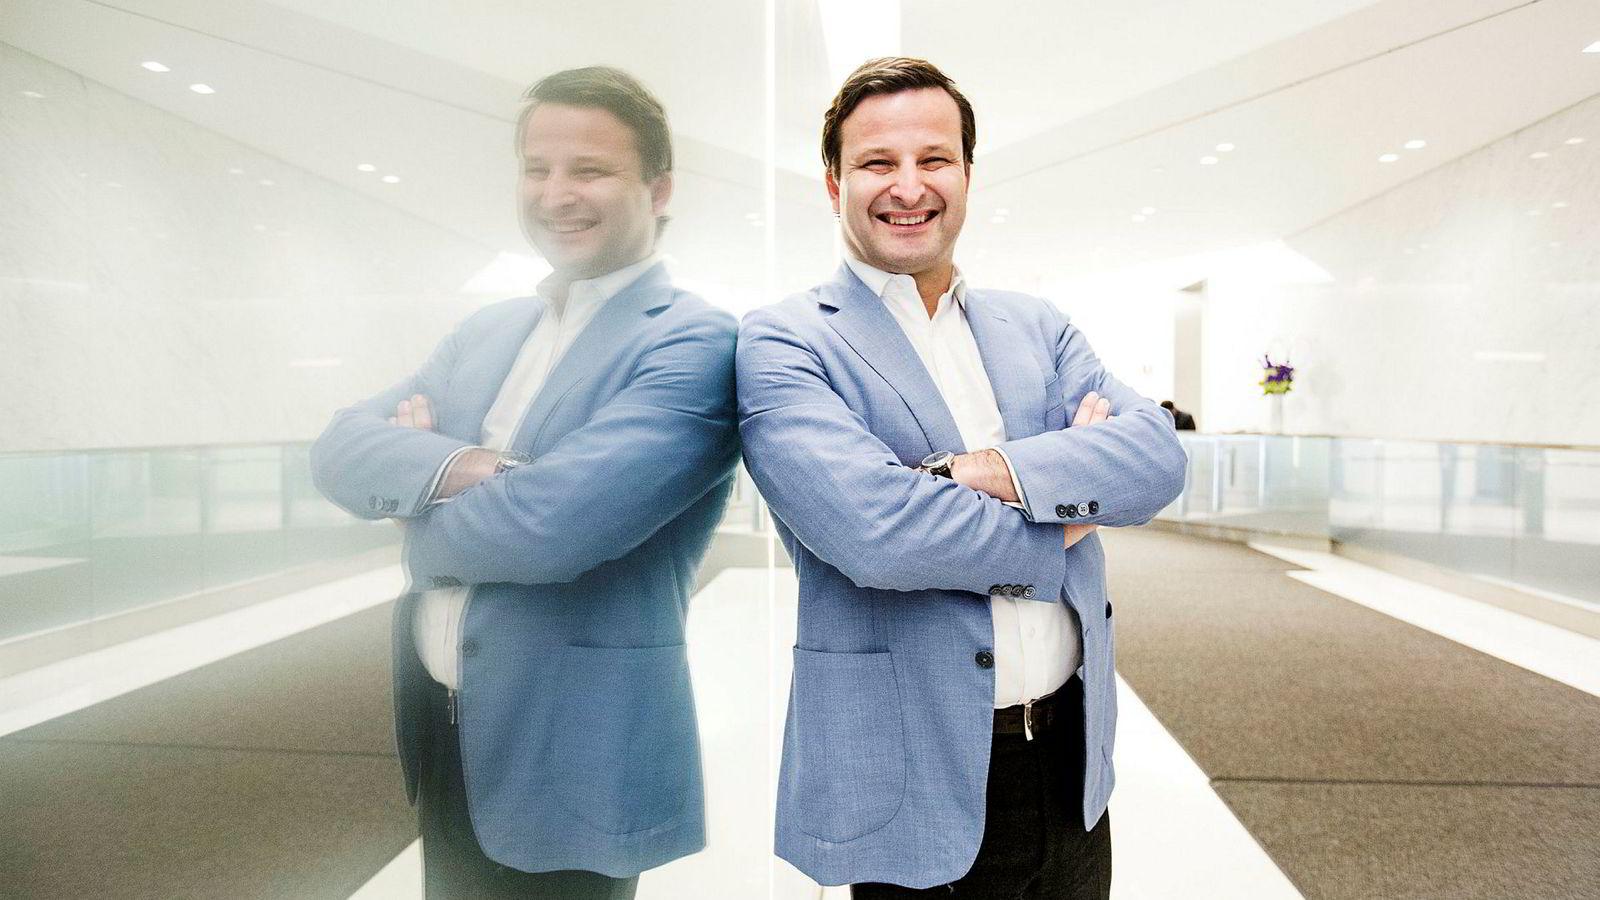 Gründer Are Traasdahl mener han har funnet frem til tre metoder for å lykkes med teknologisk innovasjon. Den beste utløser energi og dyp eierskapsfølelse hos de ansatte.